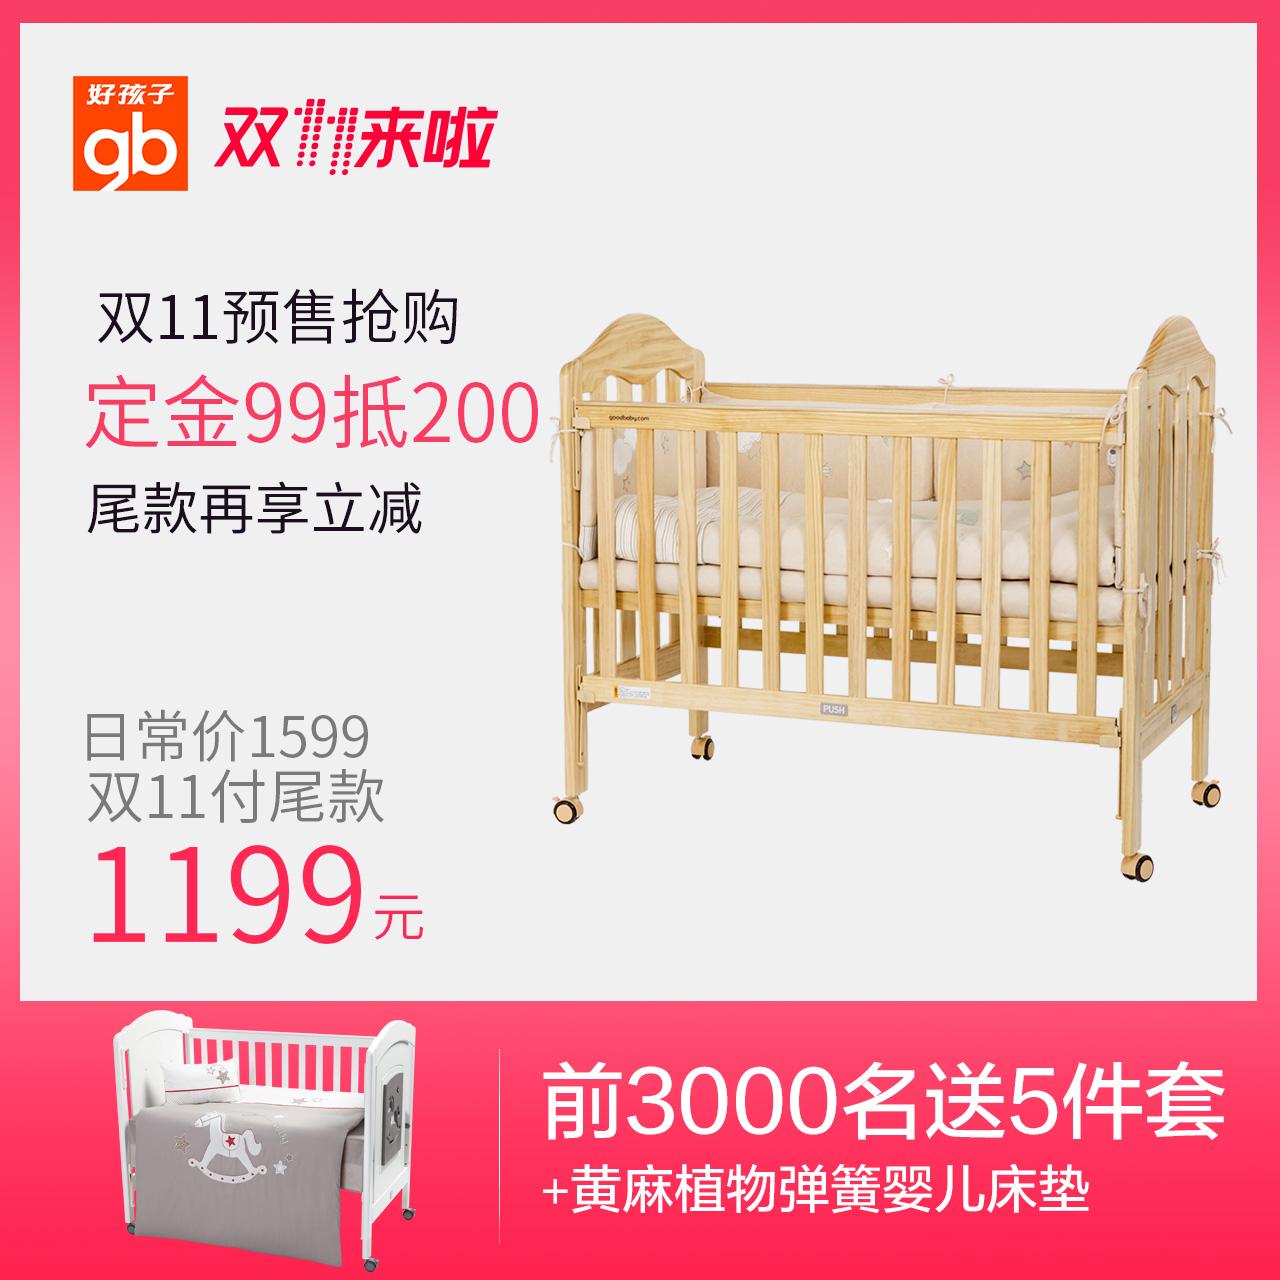 好孩子 婴儿床 宝宝 多功能 实木 环保 调节 儿童床